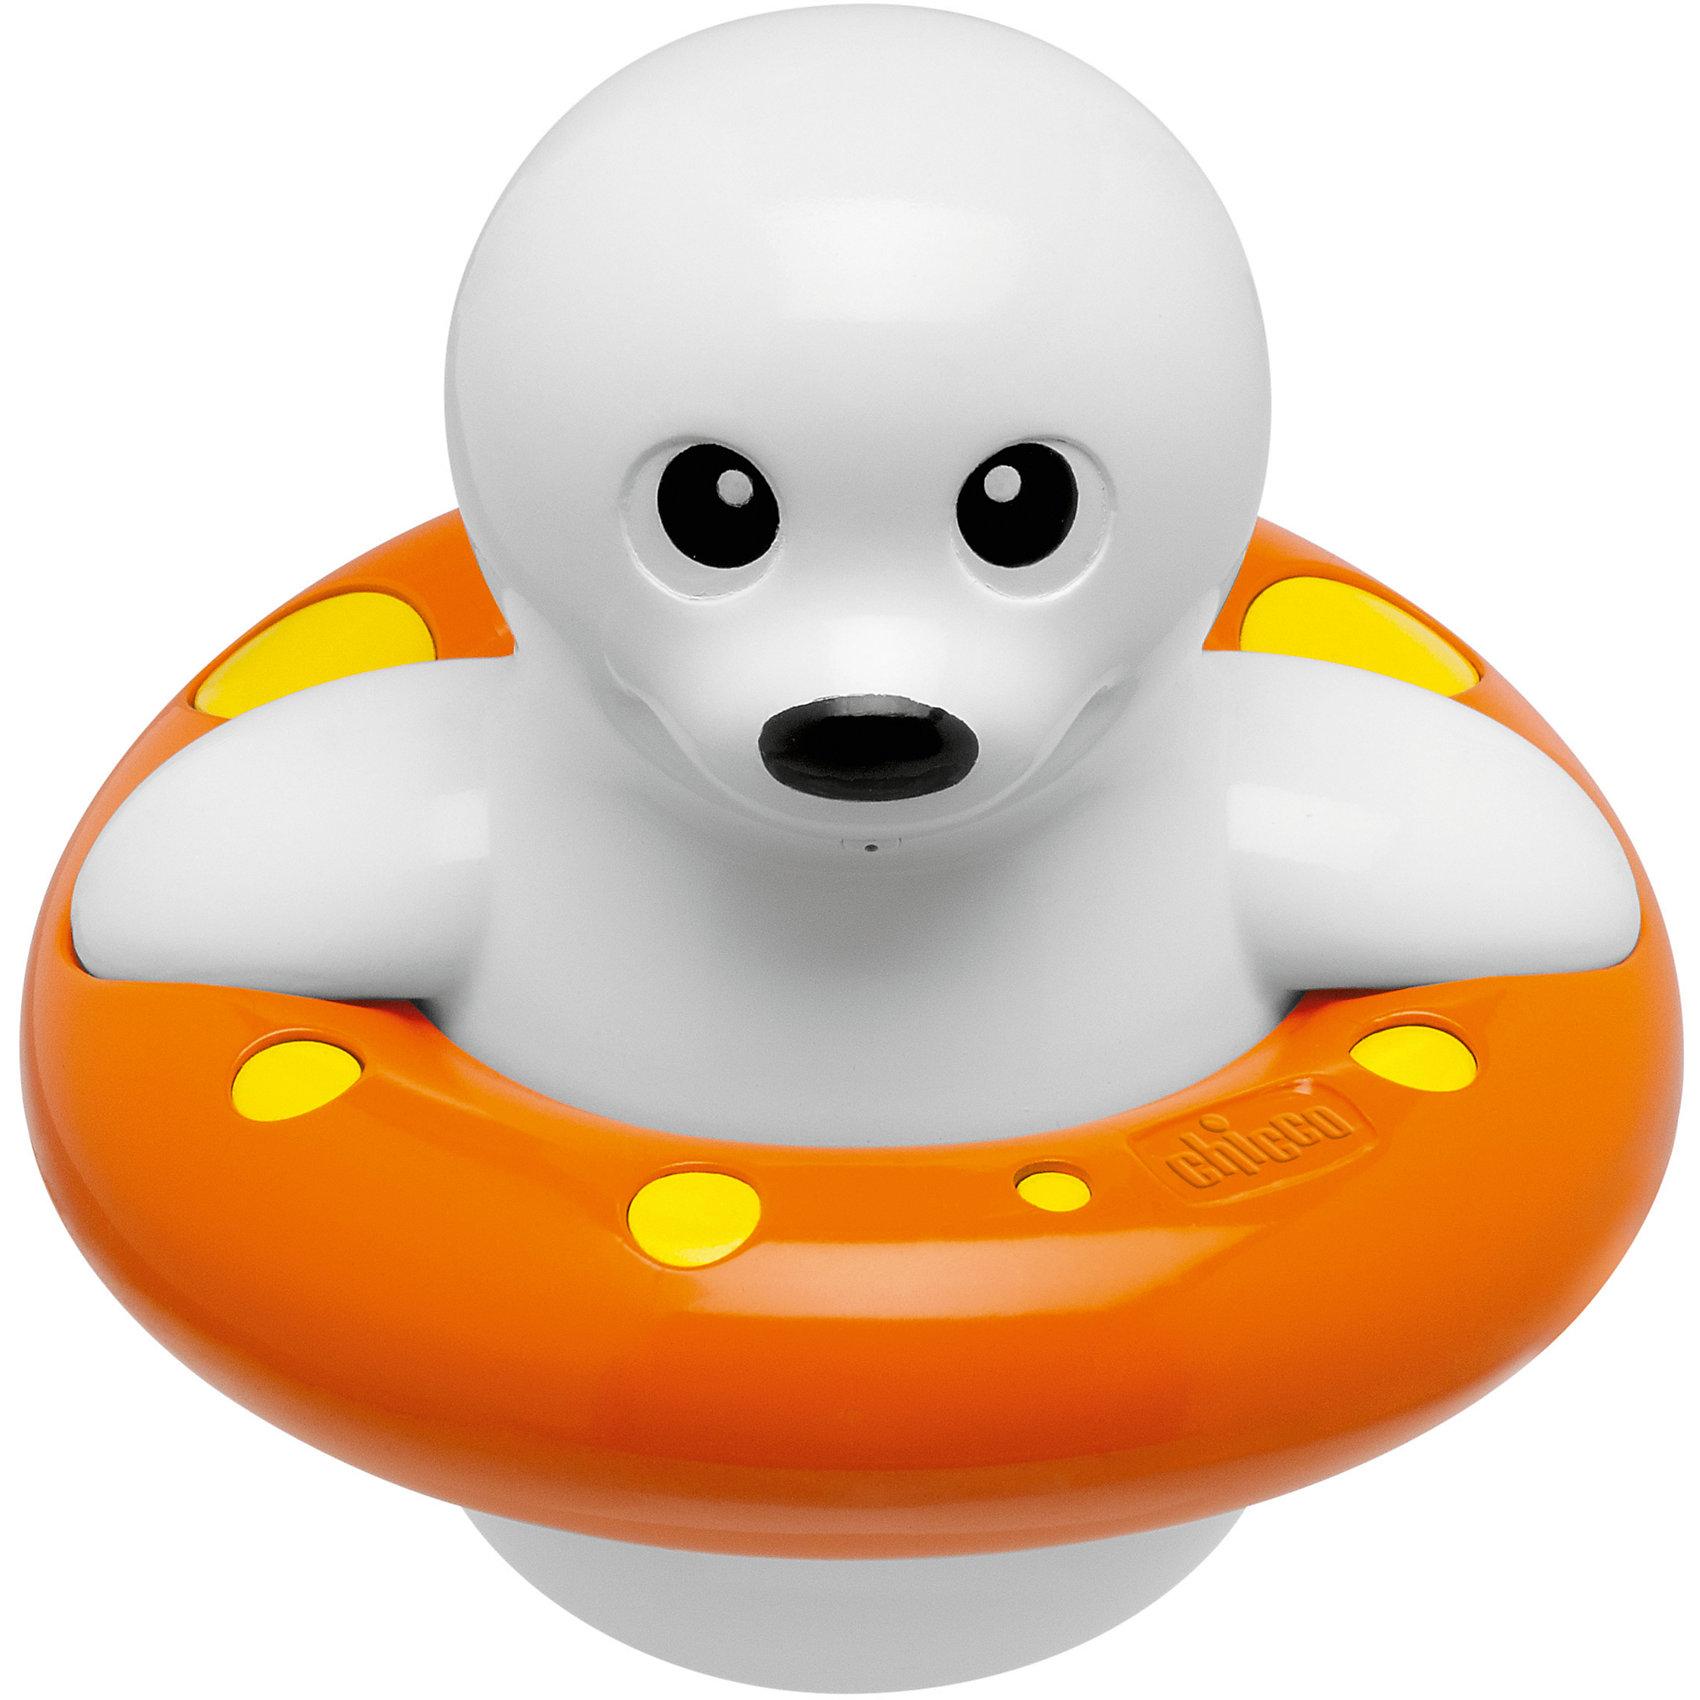 Игрушка для ванны Морской котик, ChiccoДинамические игрушки<br>Игрушка для ванны Морской котик, Chicco (Чико) понравится вашему ребенку и превратит купание в веселую игру! Игрушка представляет собой забавного морского котика, который умеет сам плавать в воде, для этого нужно повернуть хвостик «пропеллер» на несколько оборотов. Если нажать на кнопку, расположенную на голове котика, то он брызнет тонкой струйкой воды, и это, несомненно, позабавит малыша. <br><br>Дополнительная информация:<br>-Размер игрушки: 14 см<br>-Материалы: пластик<br><br>Забавная игрушка для ванной Морской котик развлечет малыша во время купания и подарит ему массу положительных эмоций, превратит купание в удовольствие! <br><br>Игрушка для ванны Морской котик, Chicco (Чико) можно купить в нашем магазине.<br><br>Ширина мм: 155<br>Глубина мм: 128<br>Высота мм: 208<br>Вес г: 334<br>Возраст от месяцев: 6<br>Возраст до месяцев: 36<br>Пол: Унисекс<br>Возраст: Детский<br>SKU: 4123469